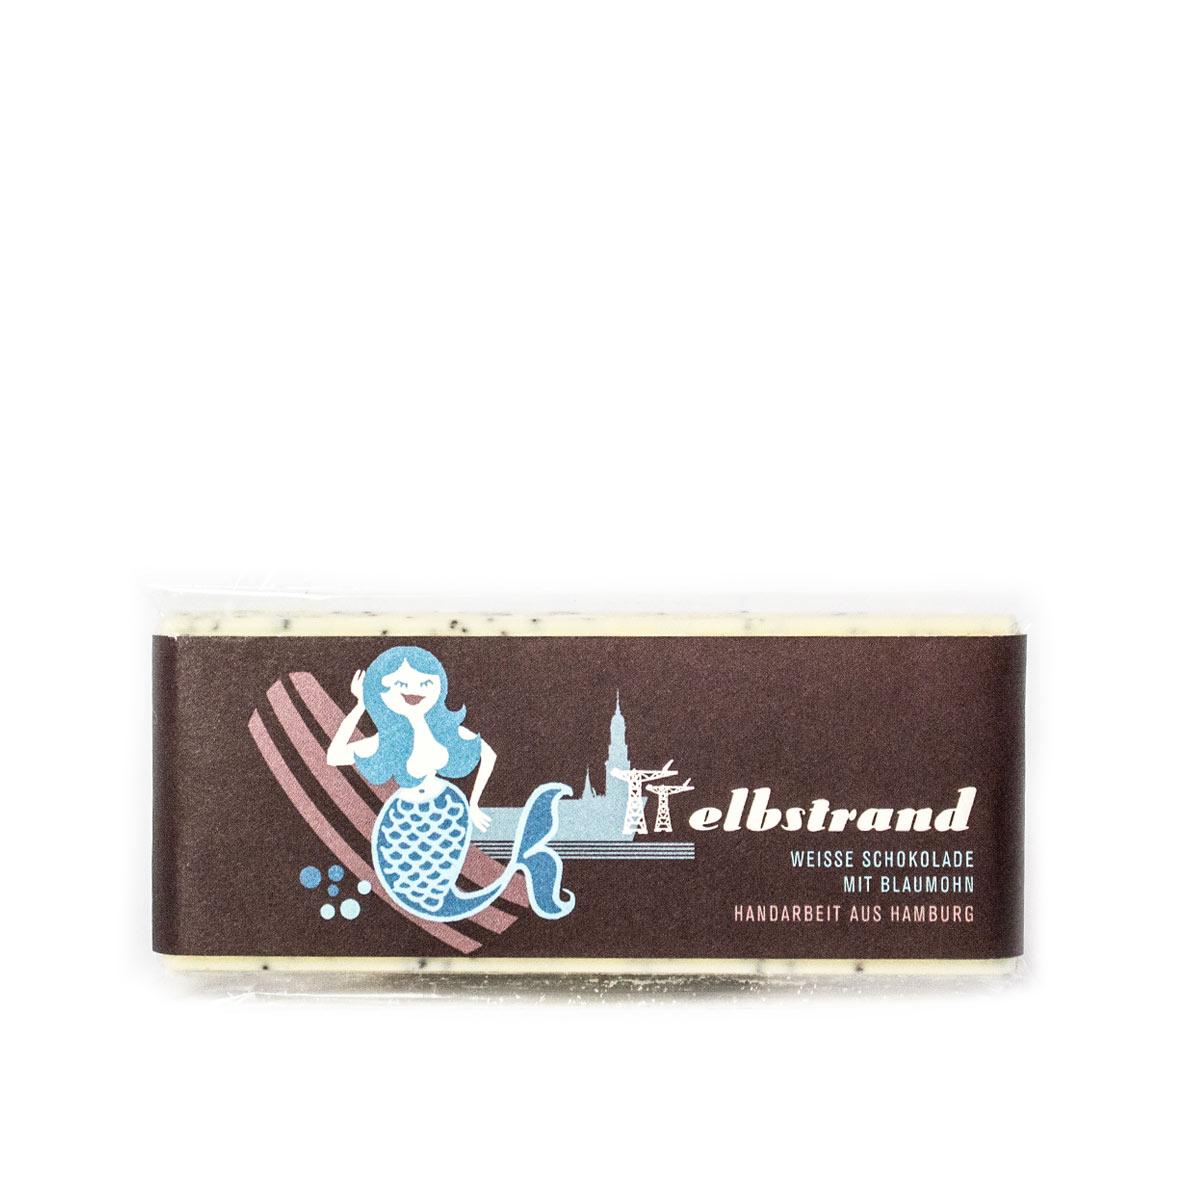 Hier Weiße Schokolade Von Schokovida Entdecken Schokovida Ohg